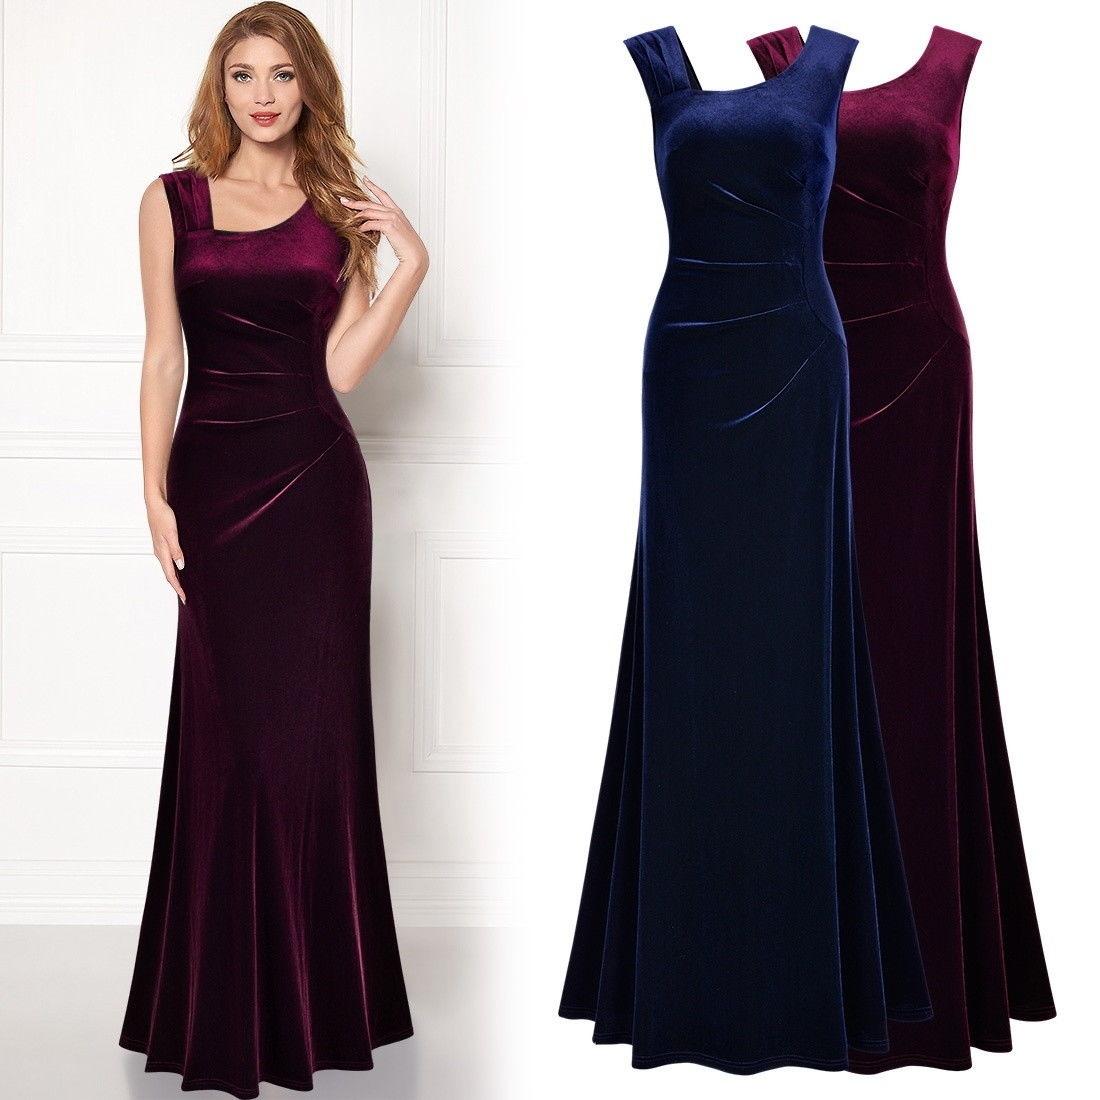 Formal Schön Abend Damen Kleider Vertrieb Spektakulär Abend Damen Kleider Ärmel